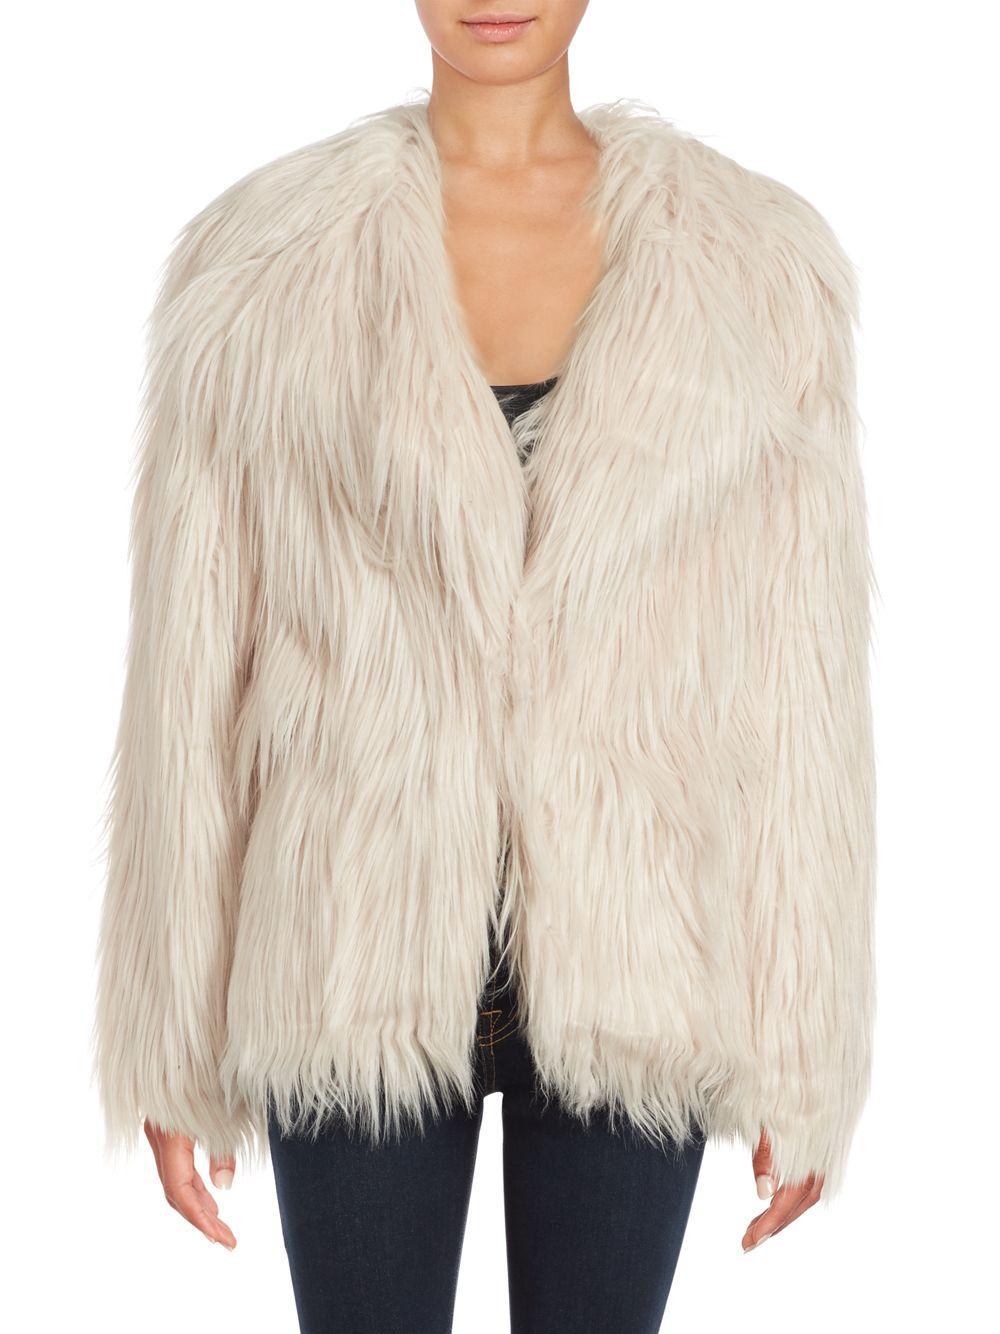 Plus Size Fur Coats - Coat Nj